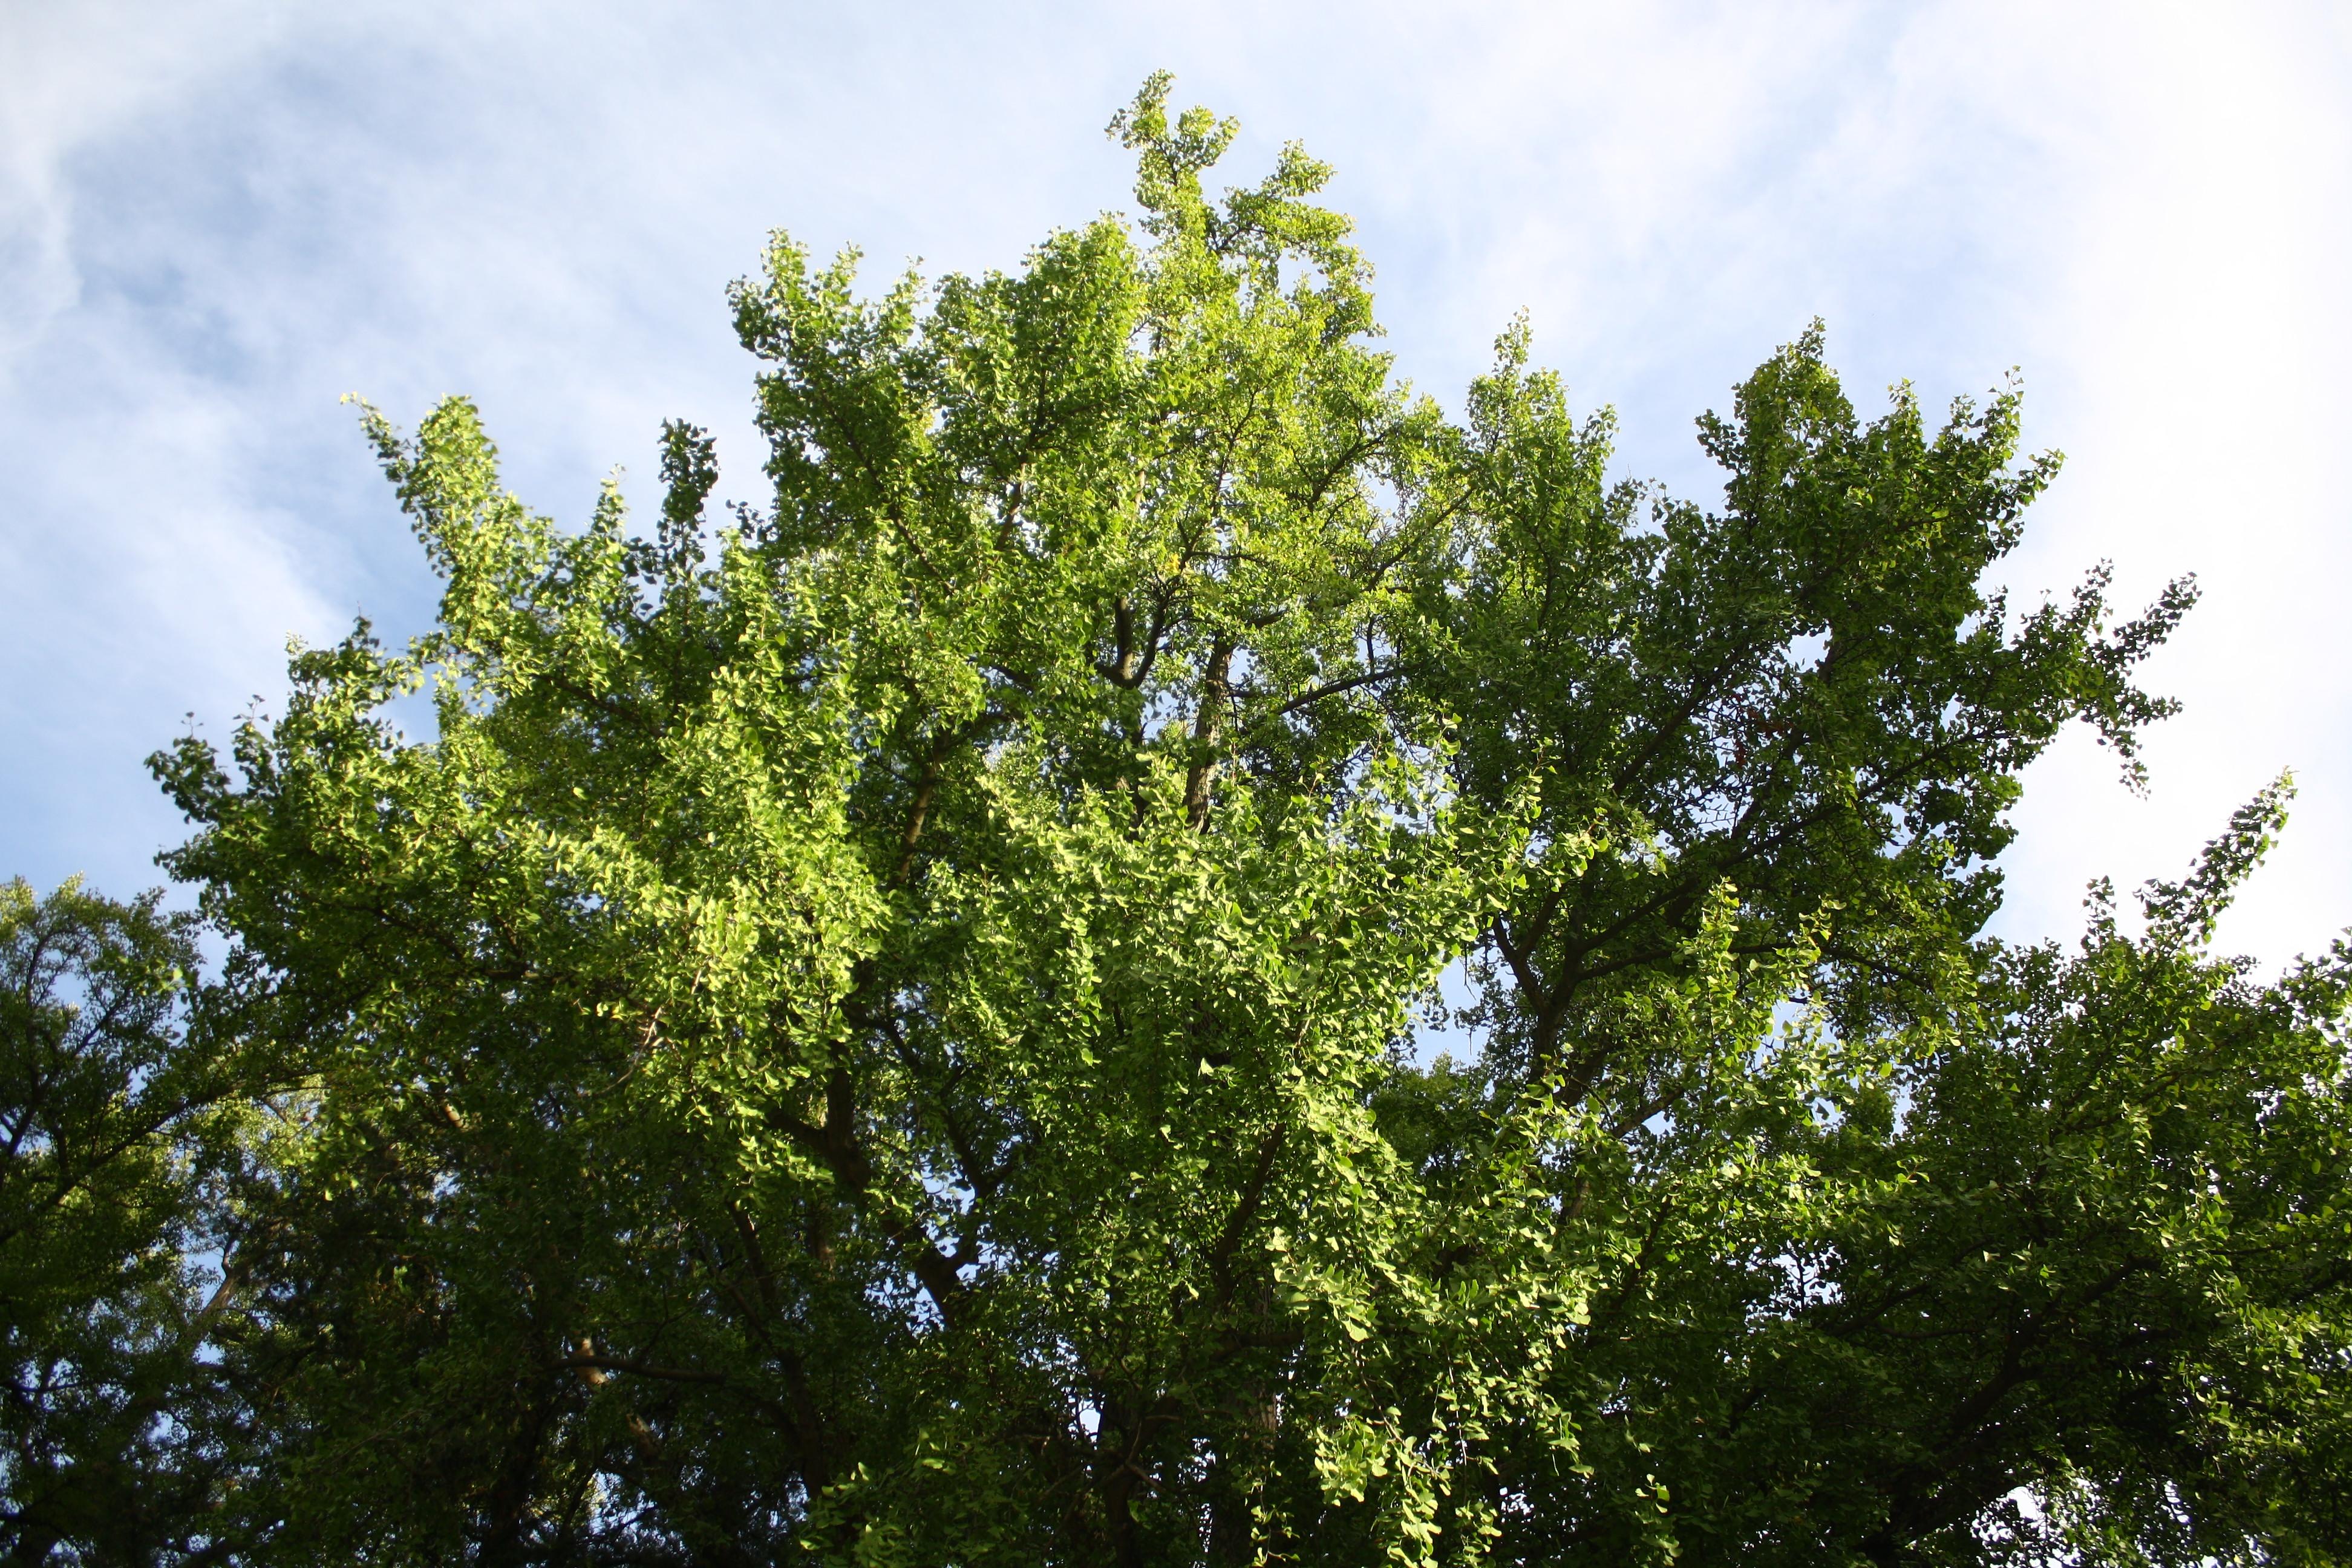 en ville - un arbre peut en cacher un autre